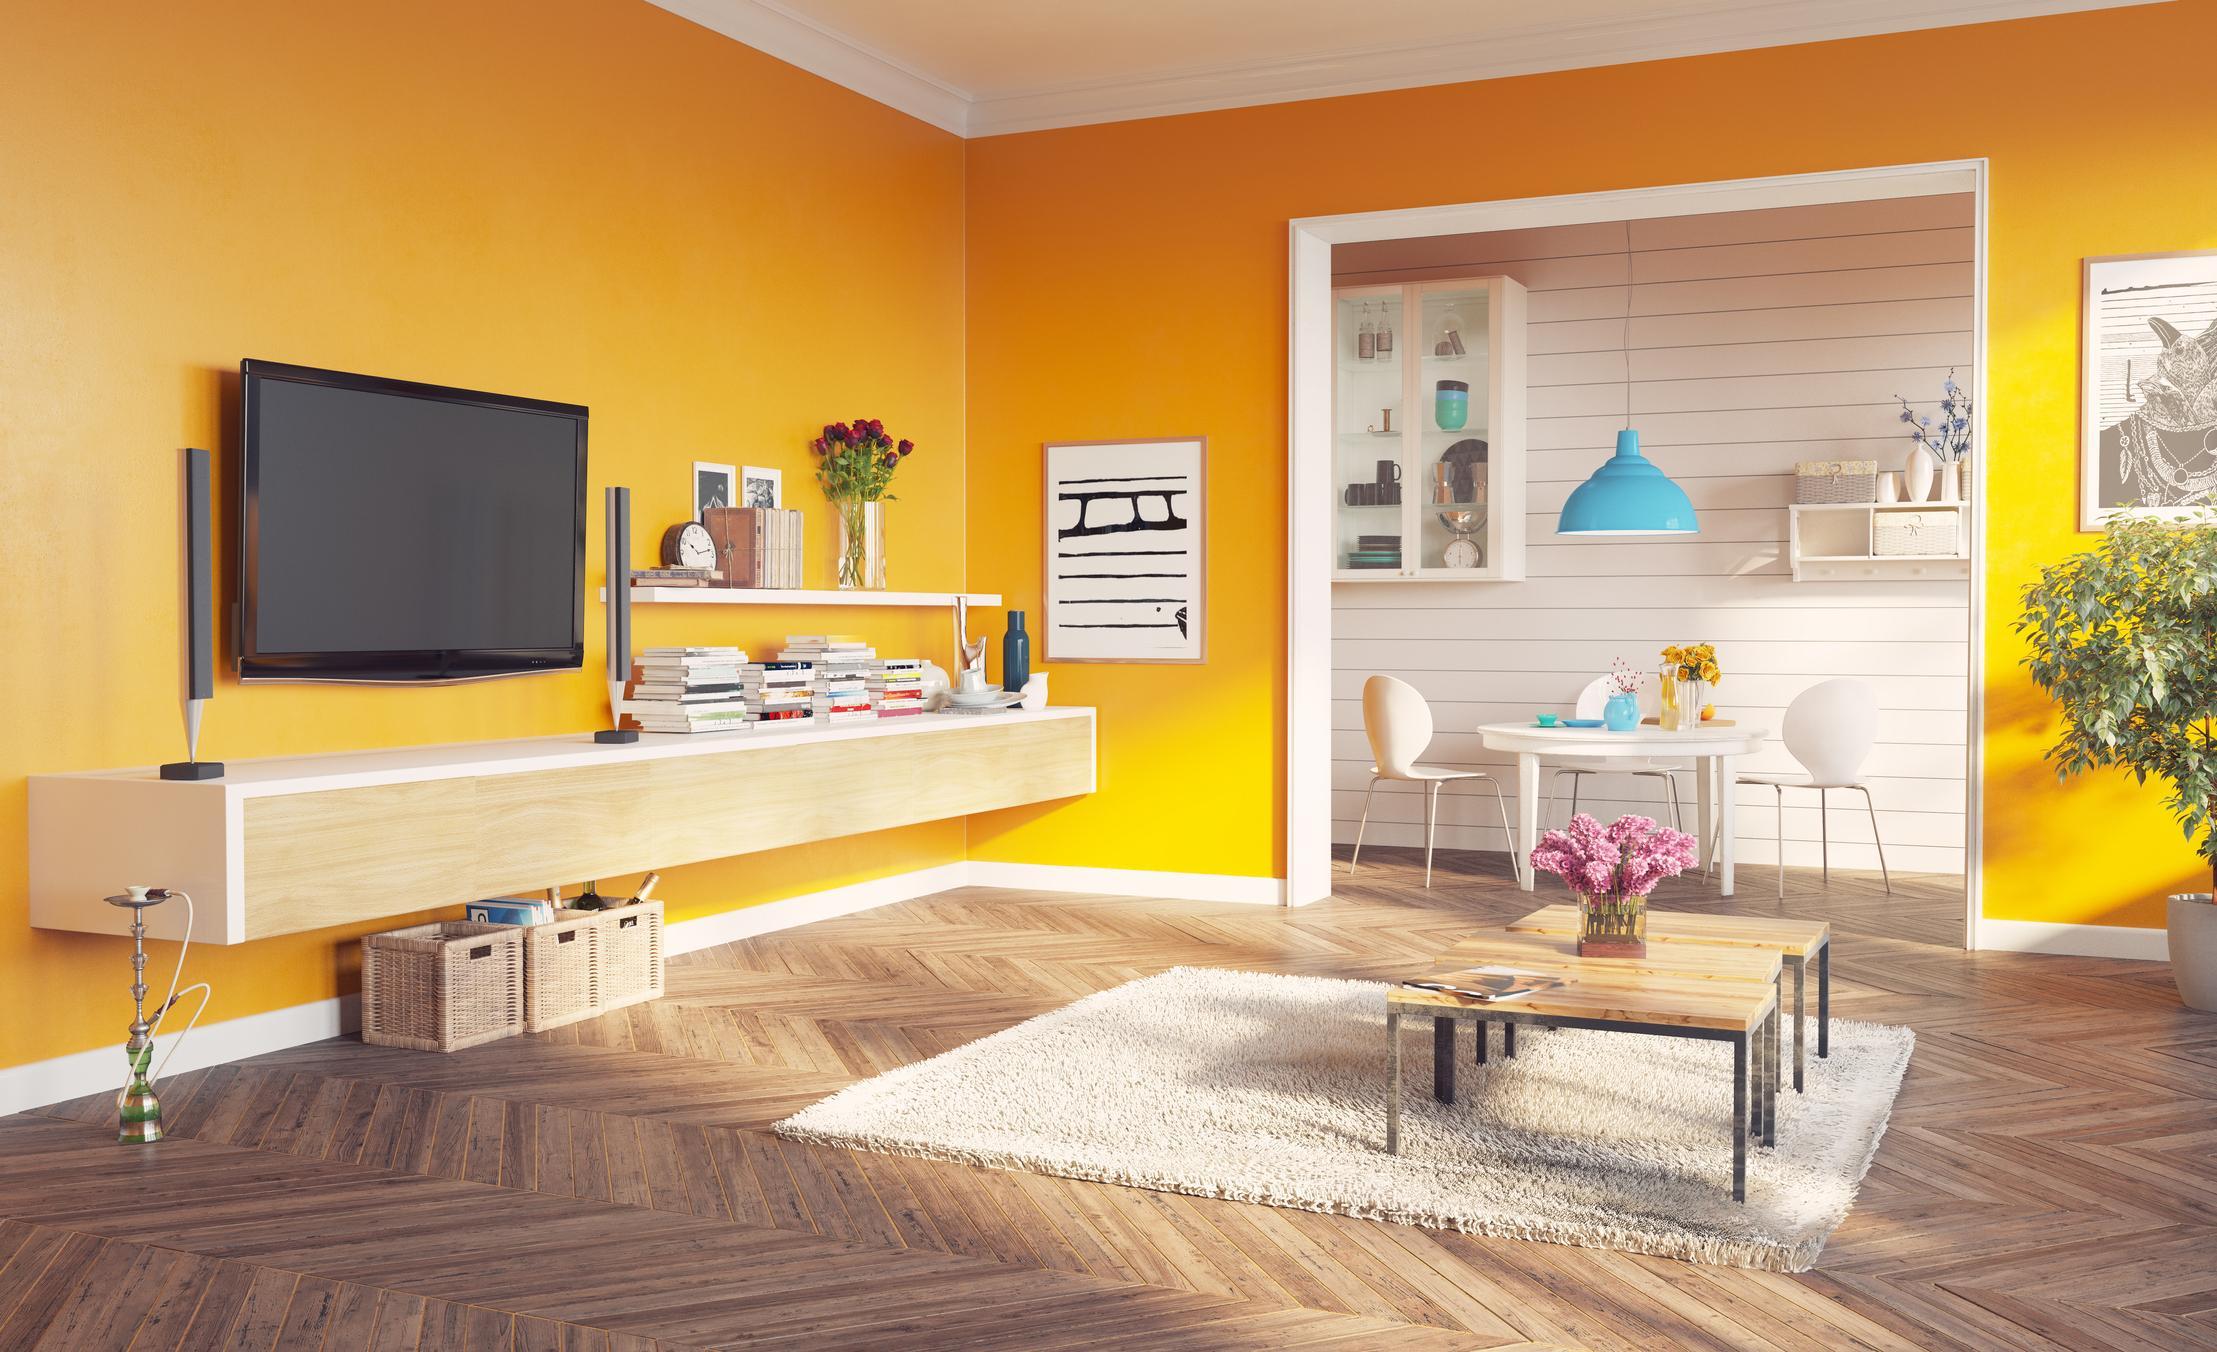 iStock-vicnt Living room interior.jpg